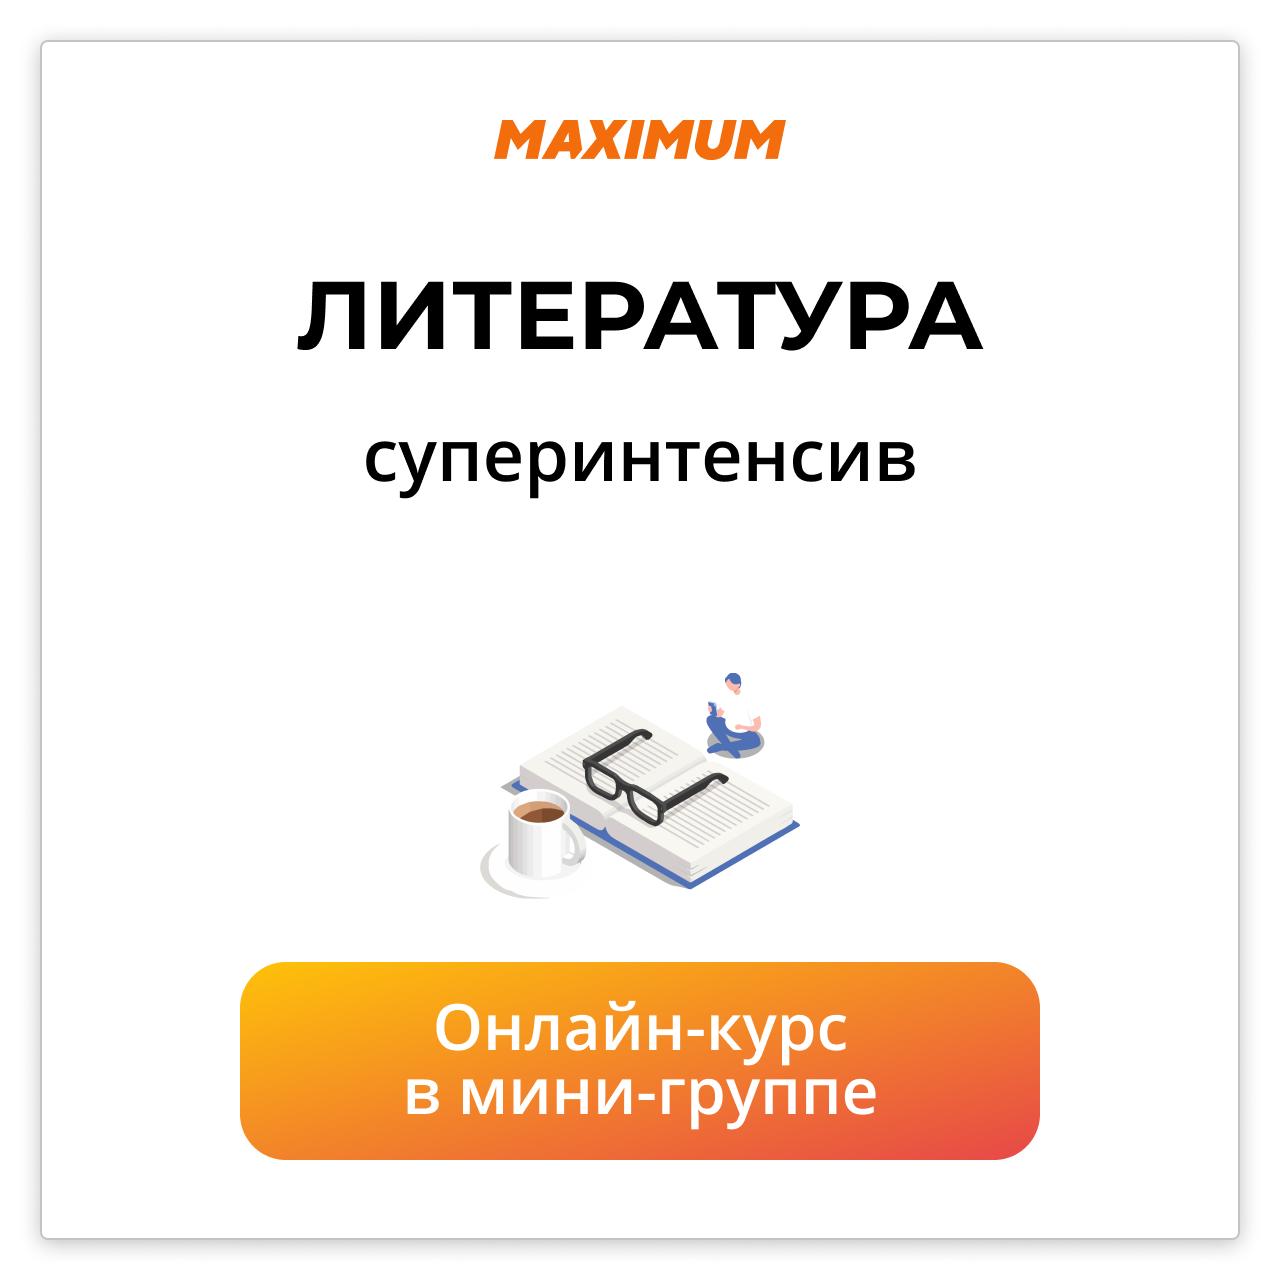 Литература ЕГЭ Мини-группа